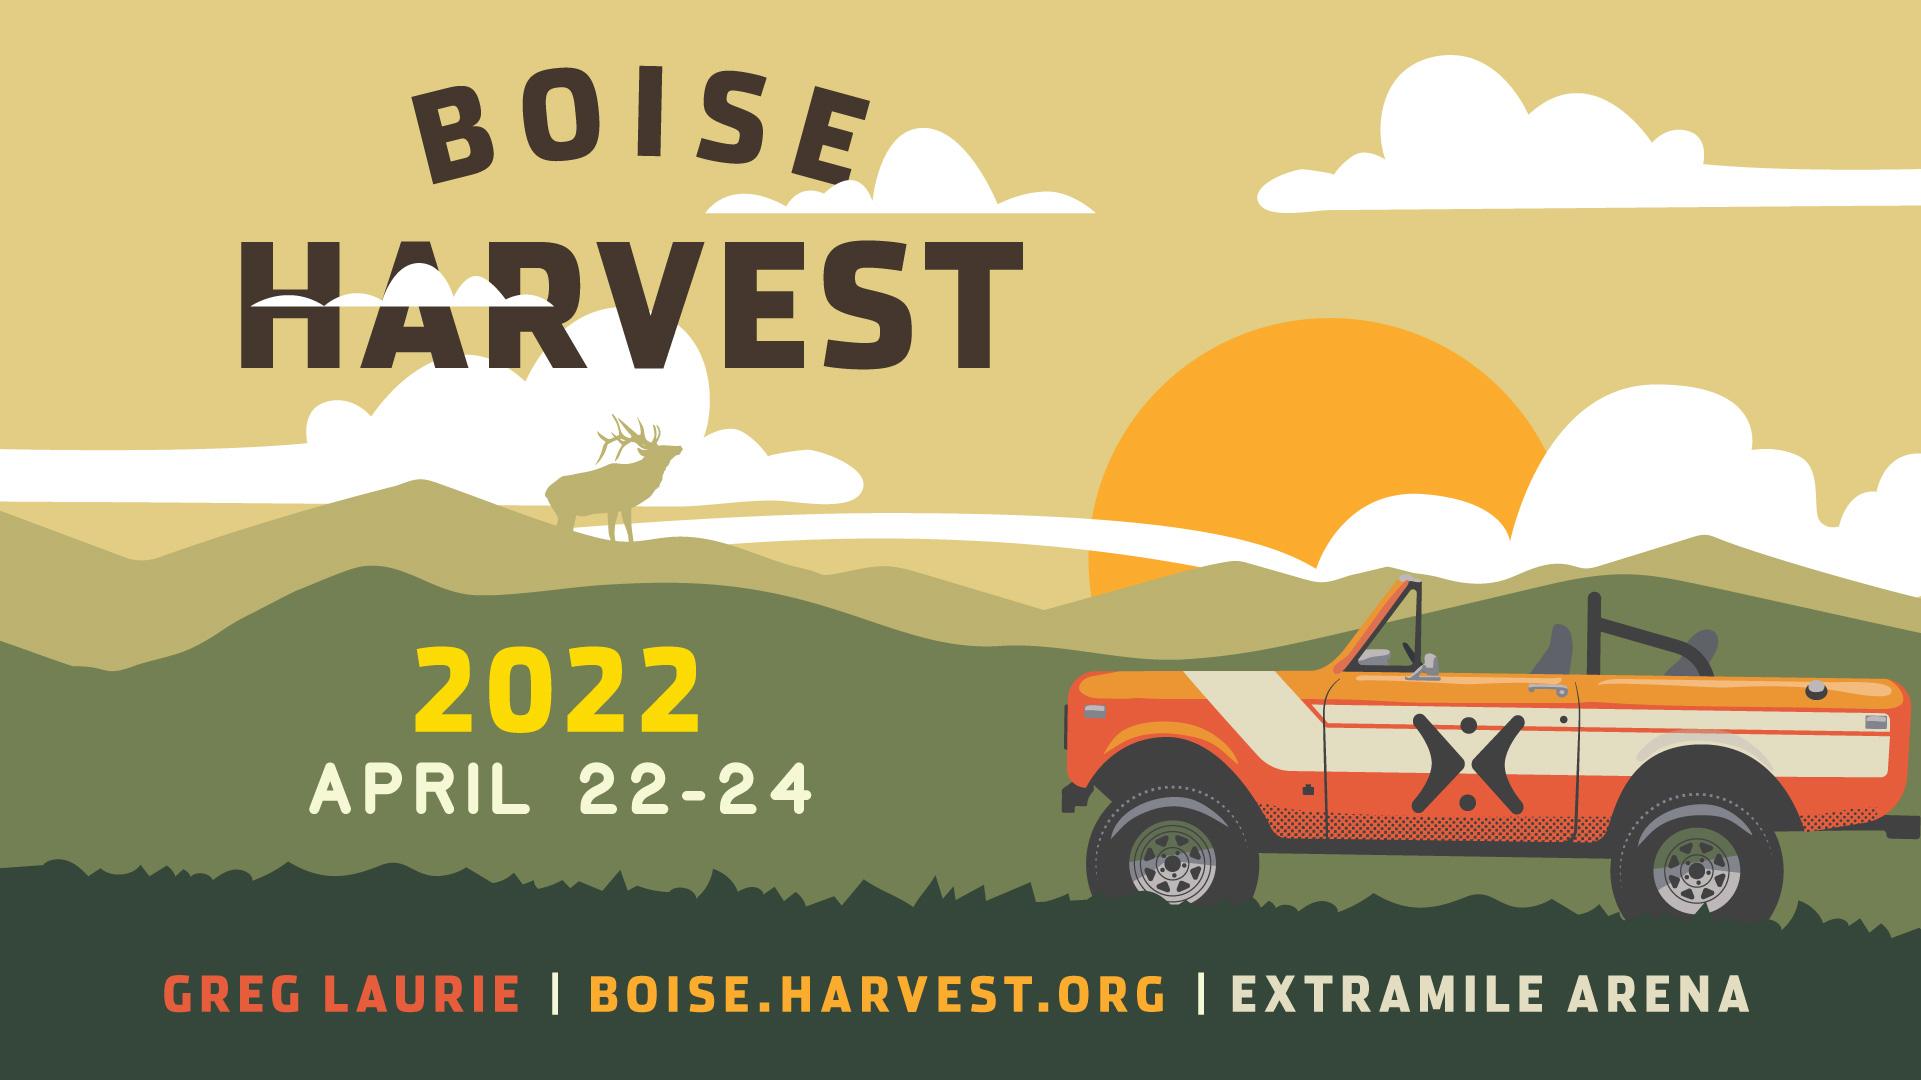 Greg Laurie_Boise Harvest Announcement_v2